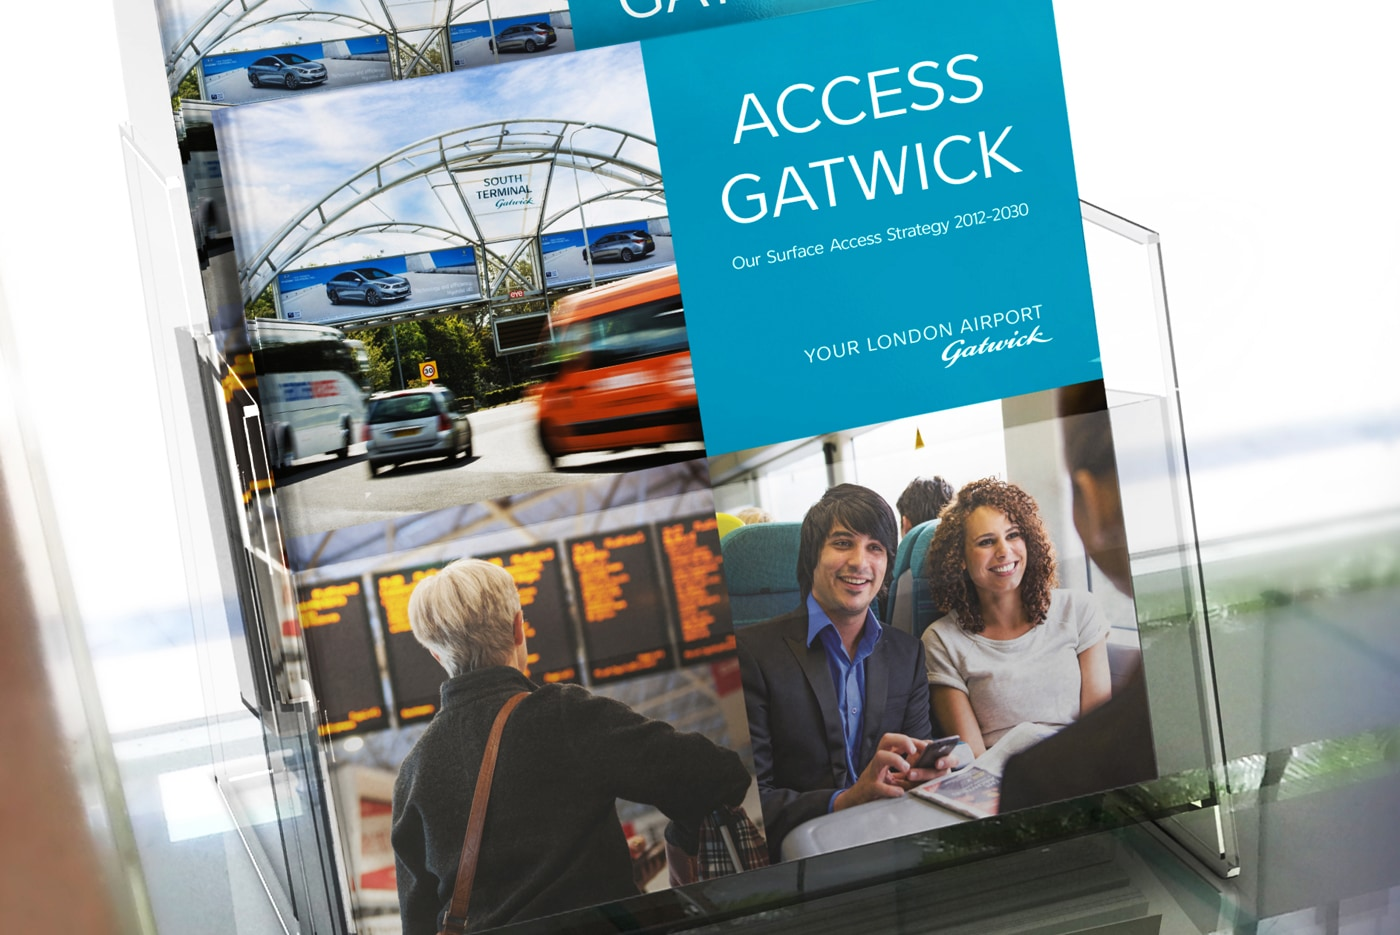 Access Gatwick